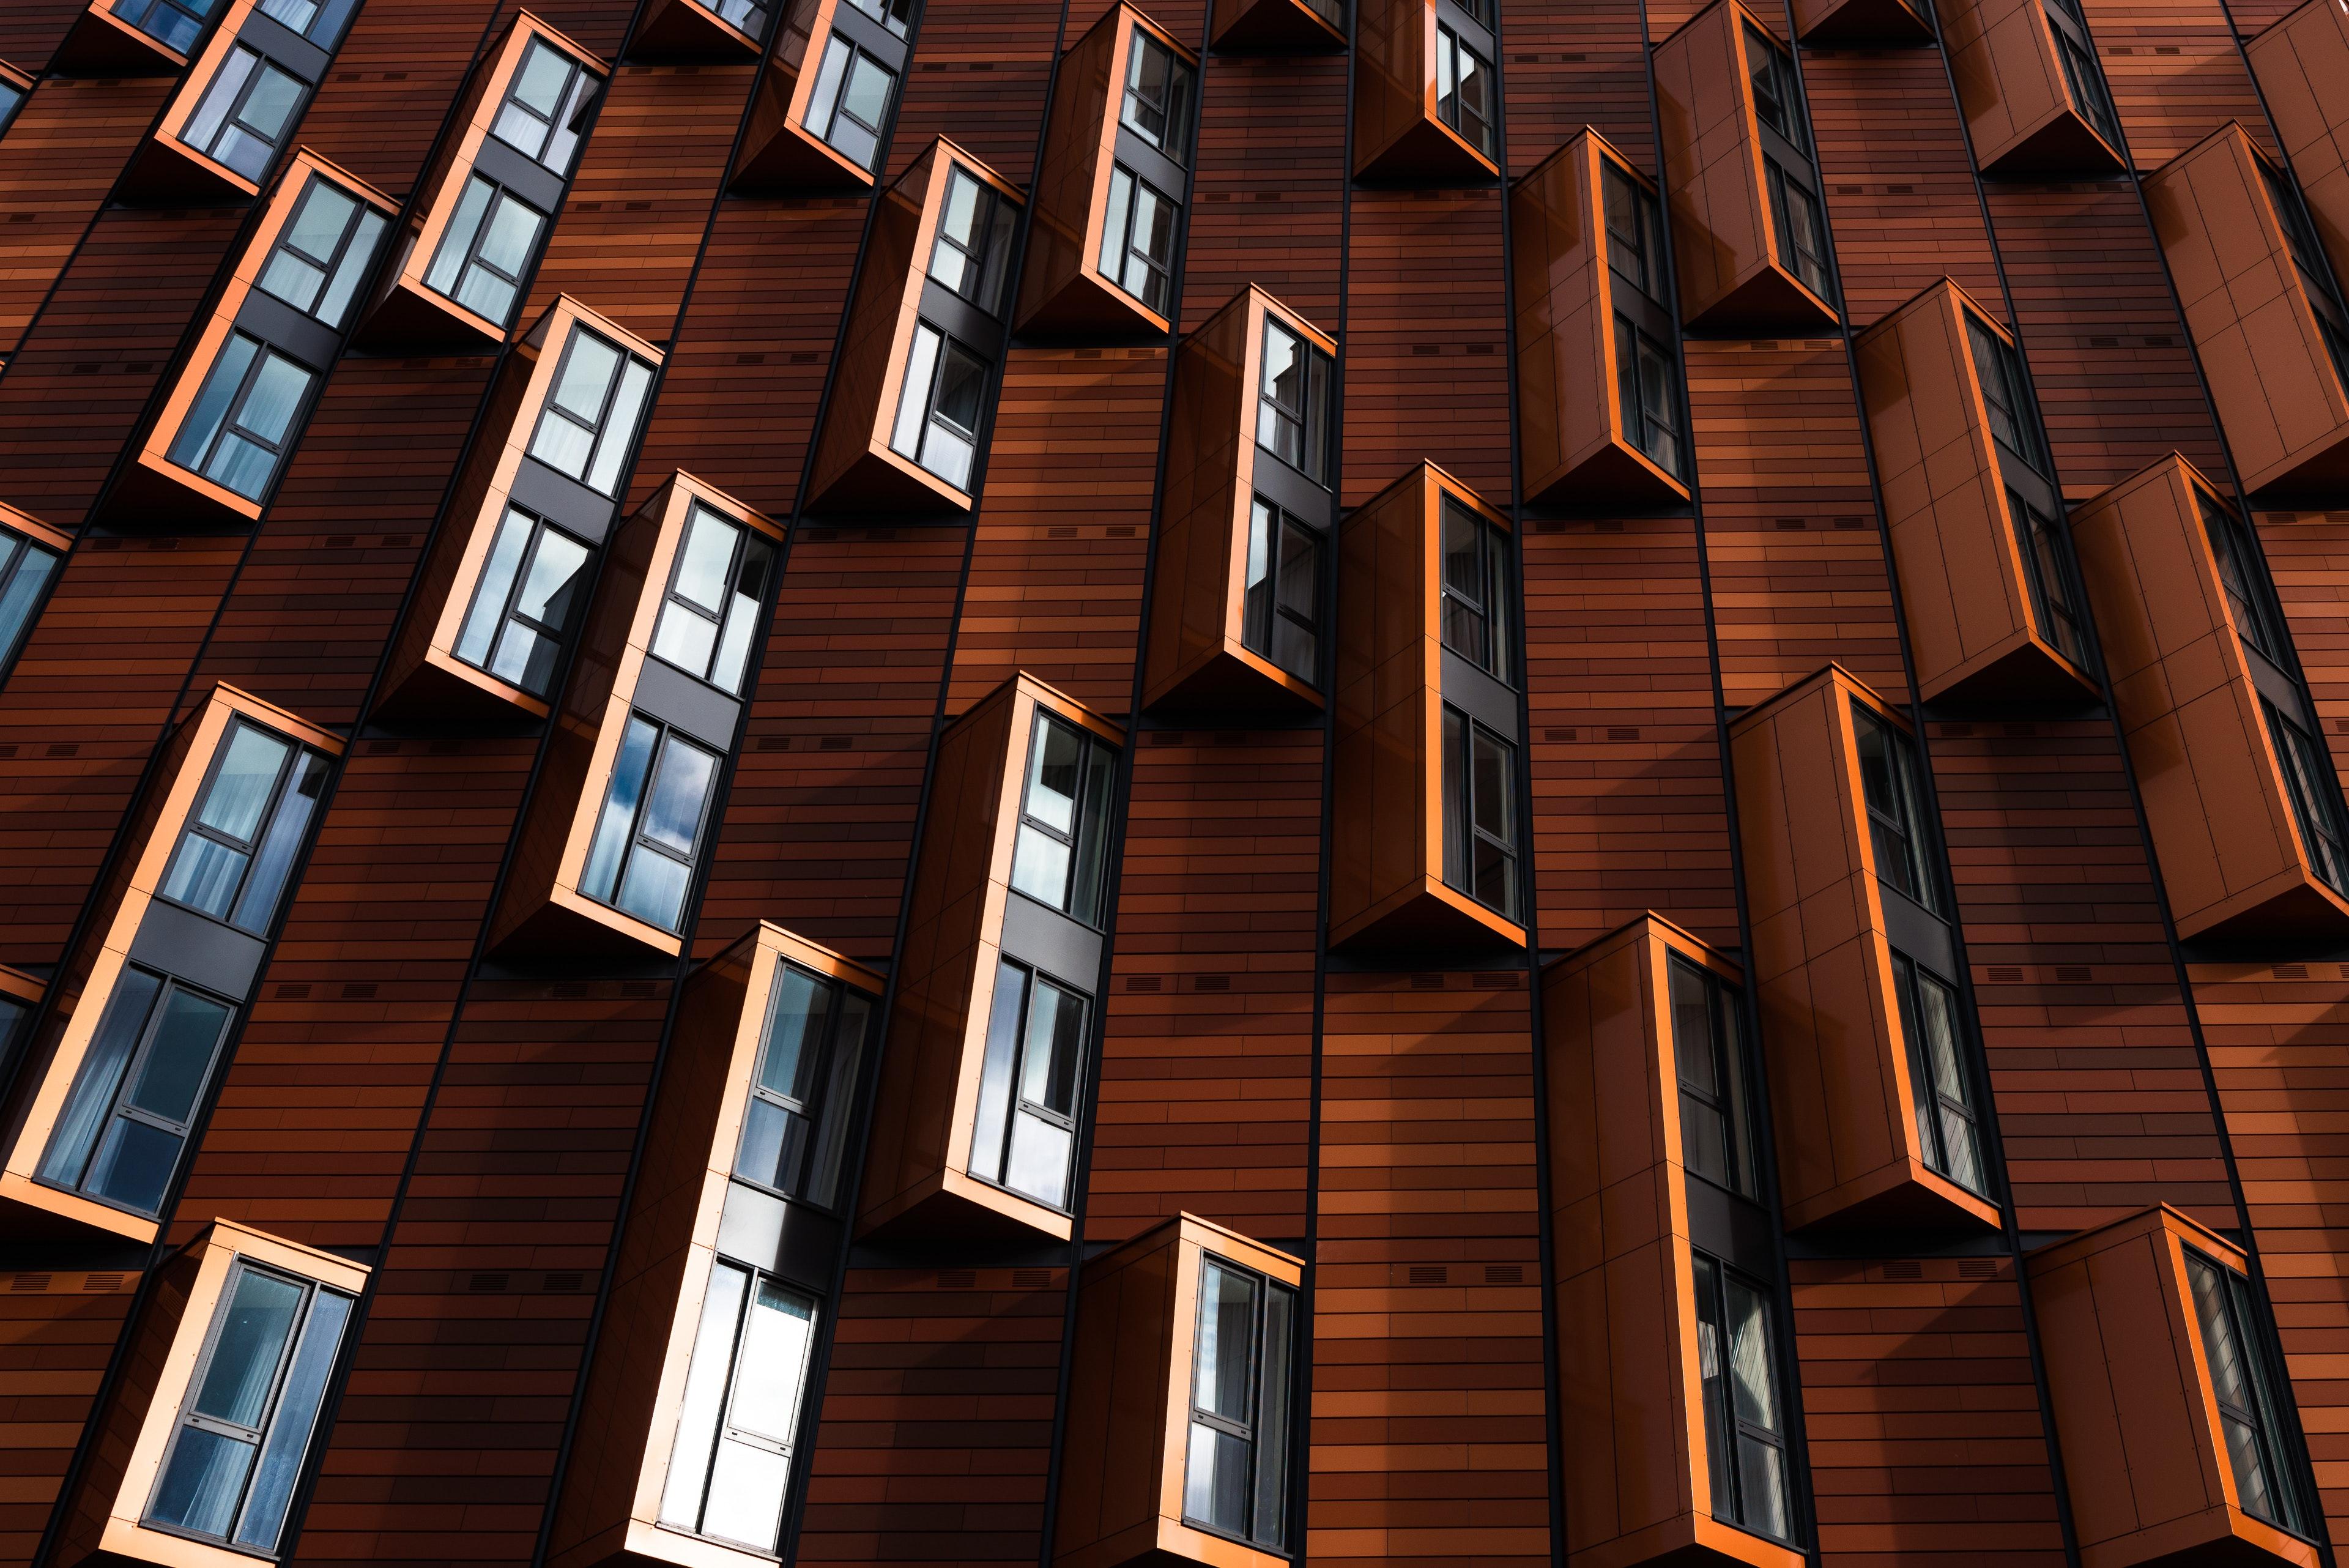 Необычный фасад современного дома с балконами